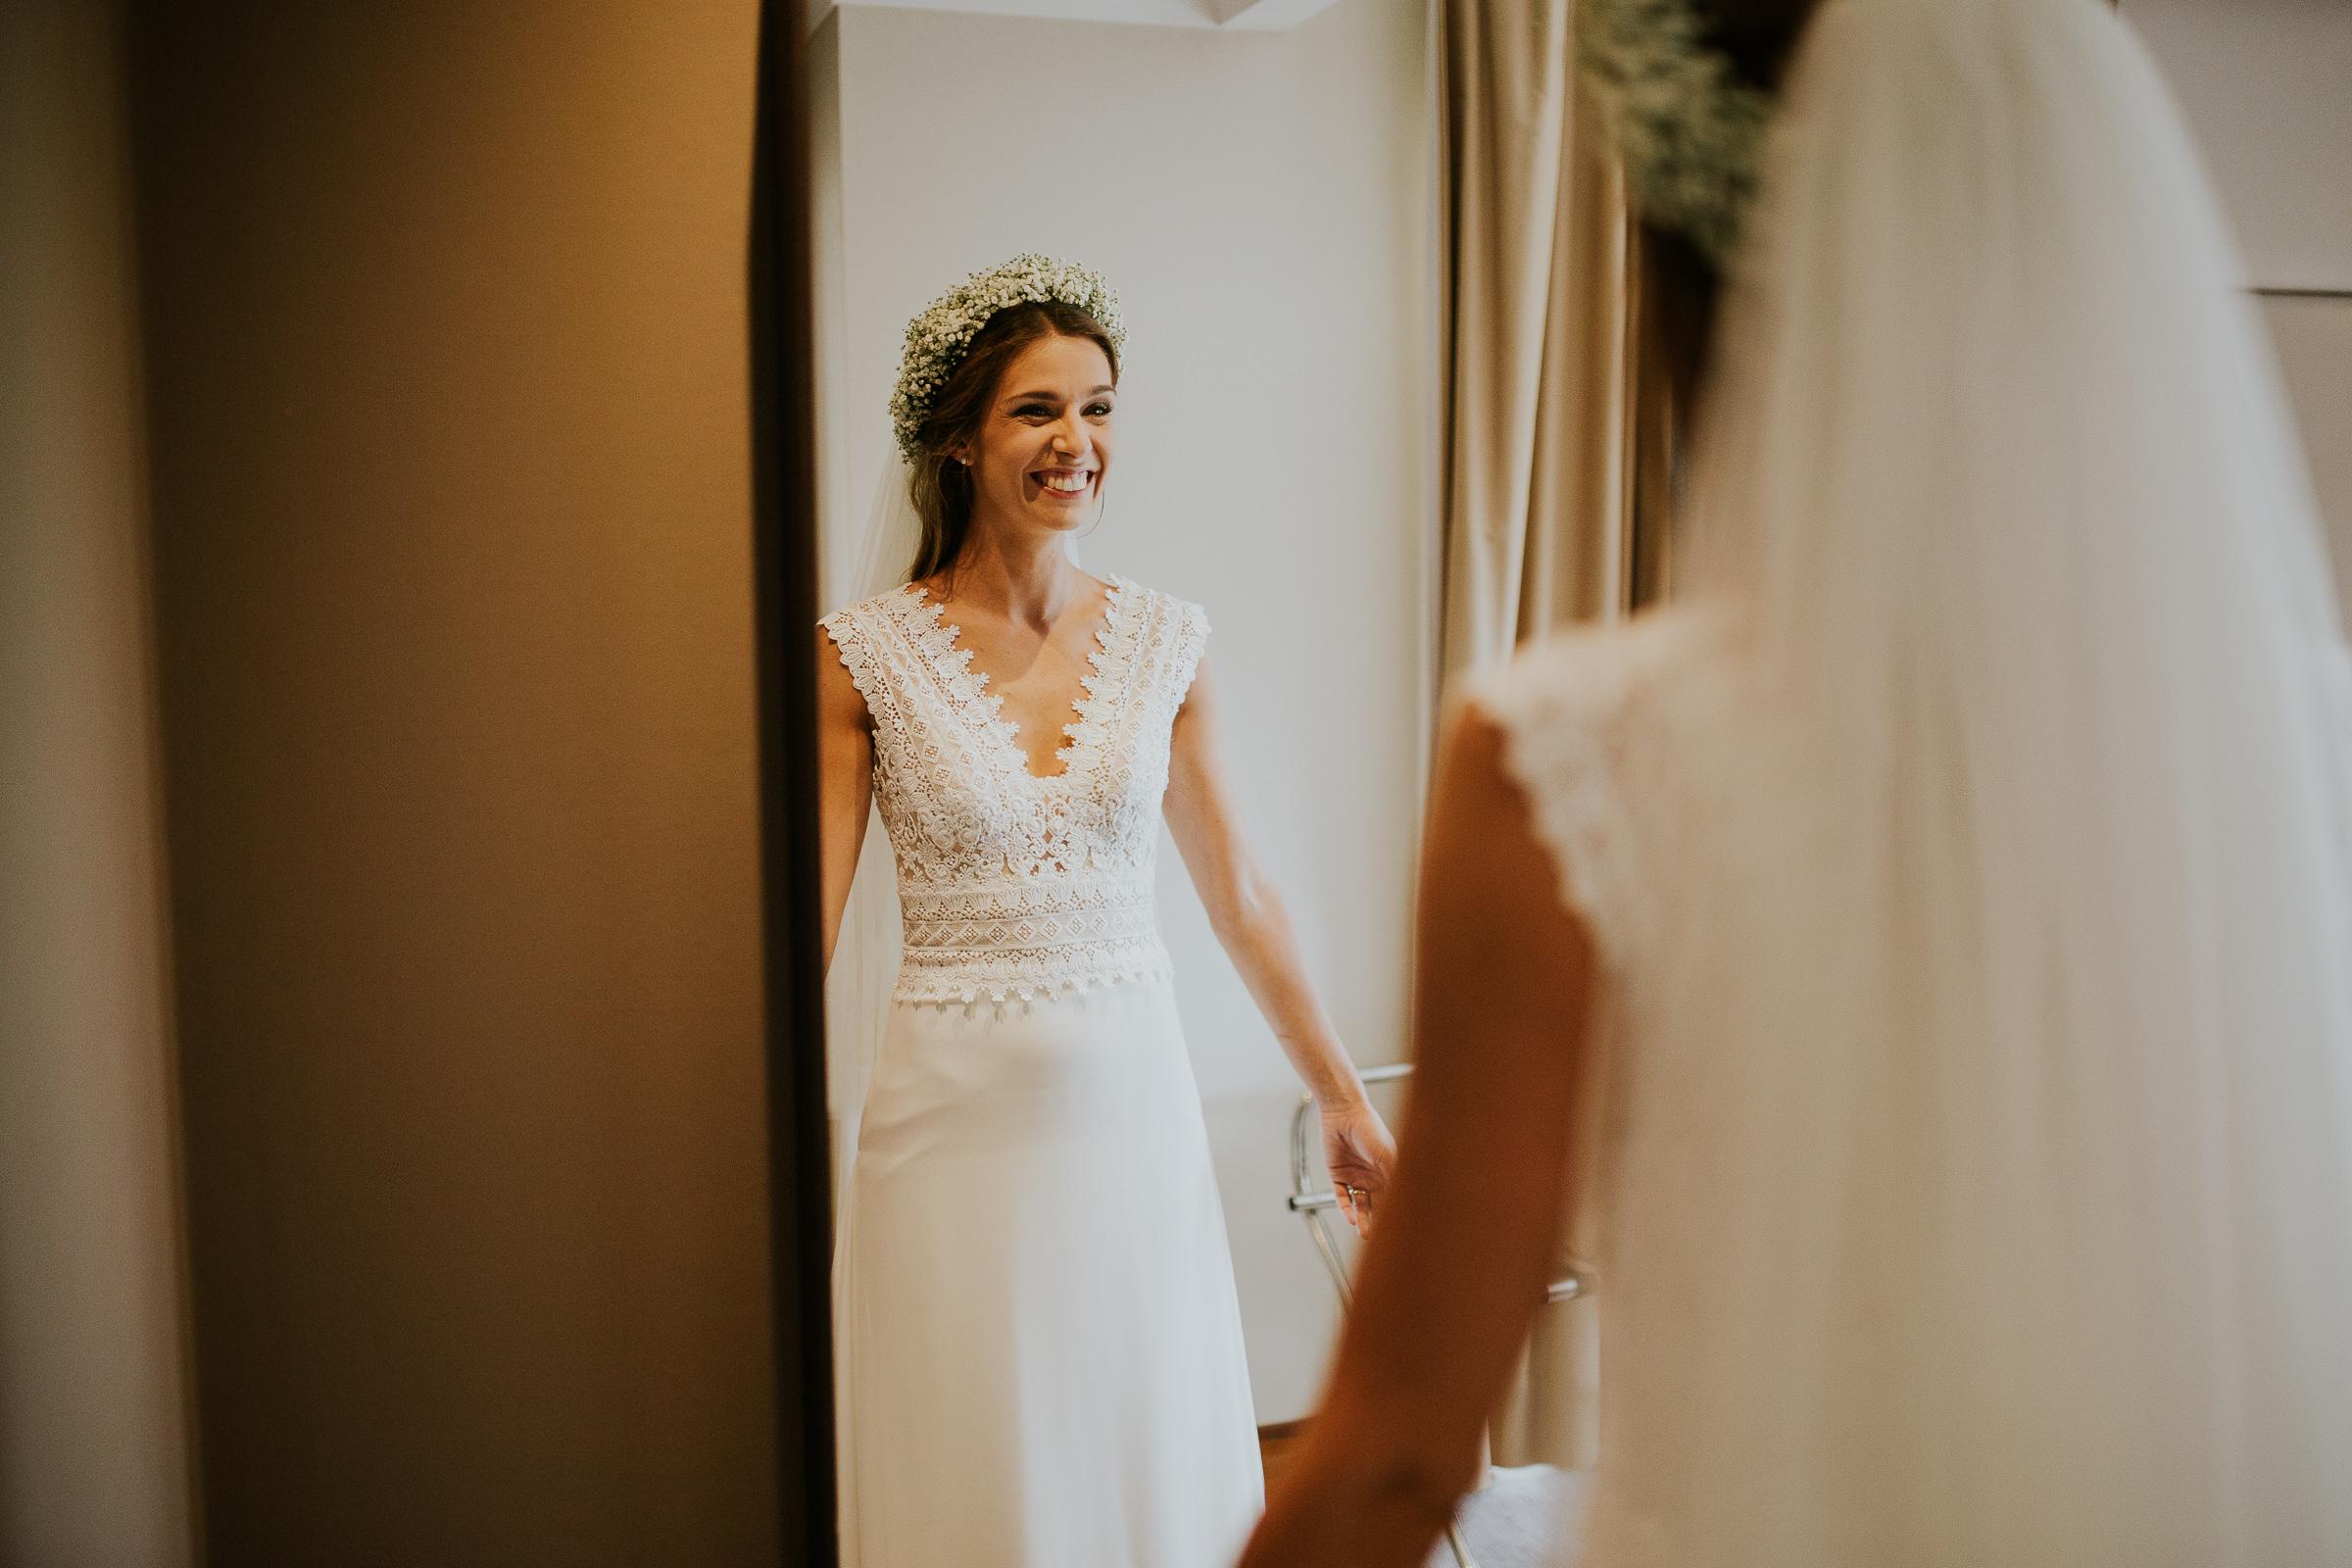 Reflection of happy bride looking trough the mirror